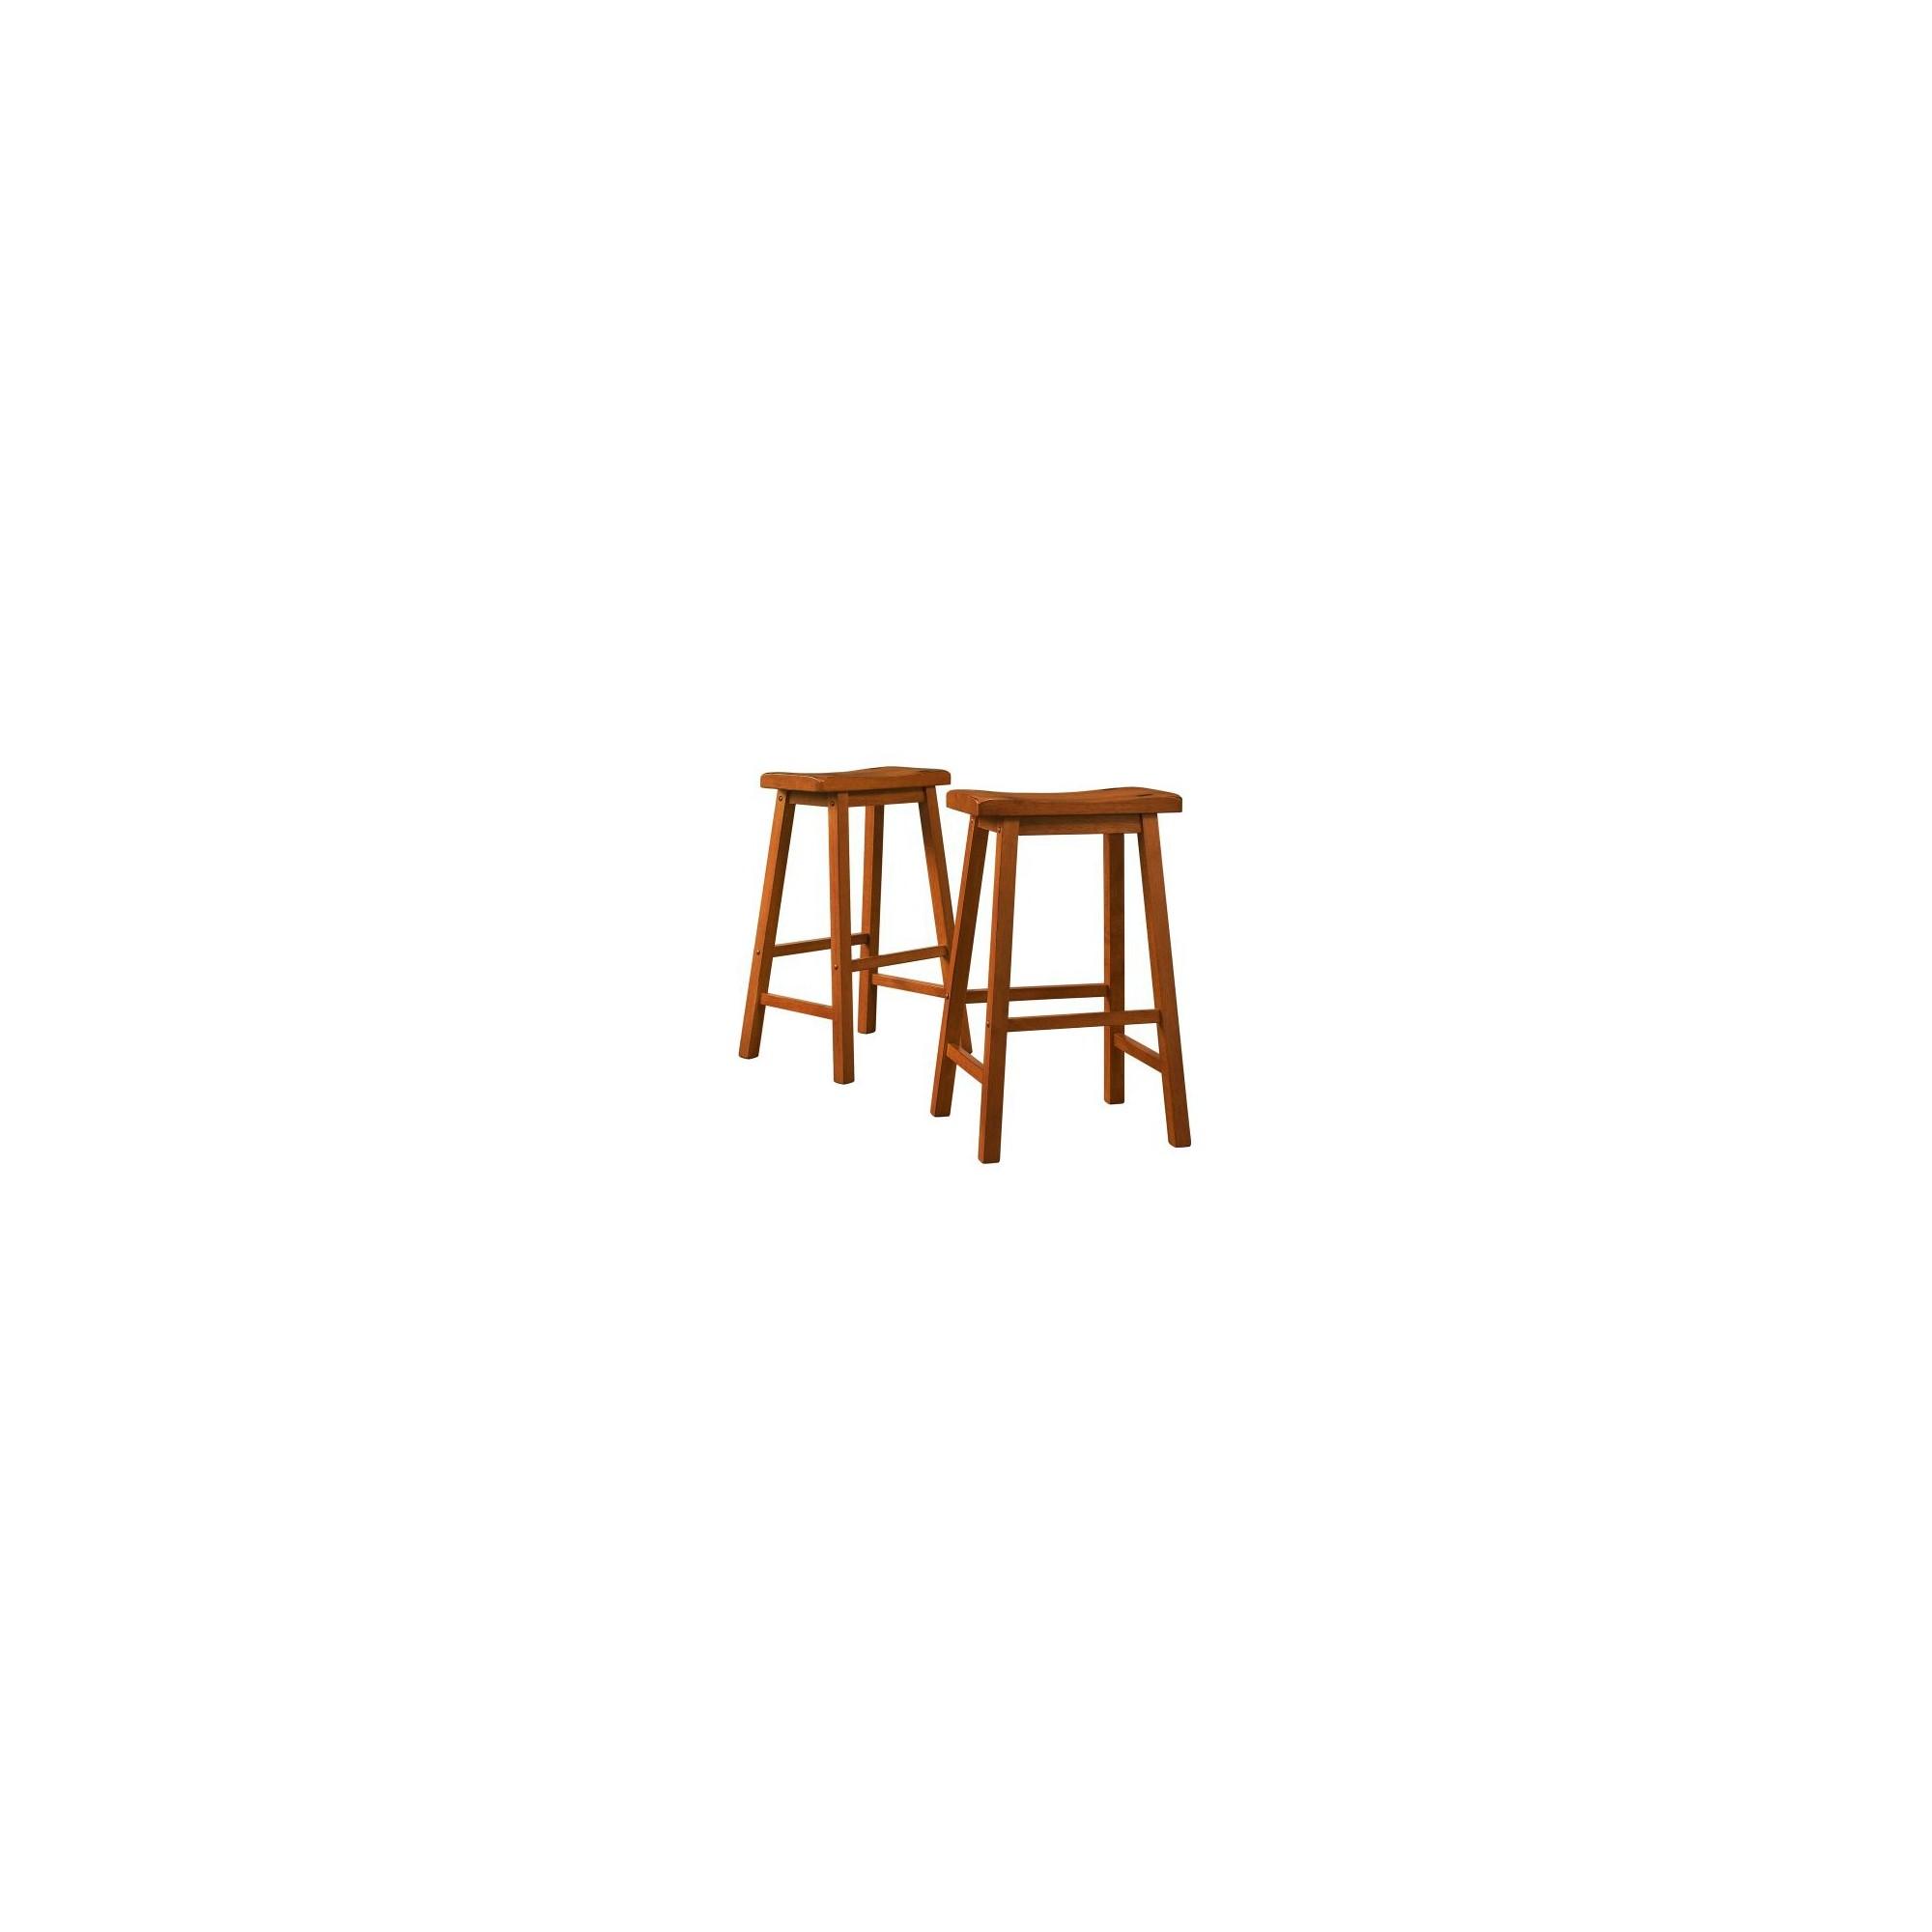 'Scoop 29'' Barstools - Oak (Set of 2), Brown'